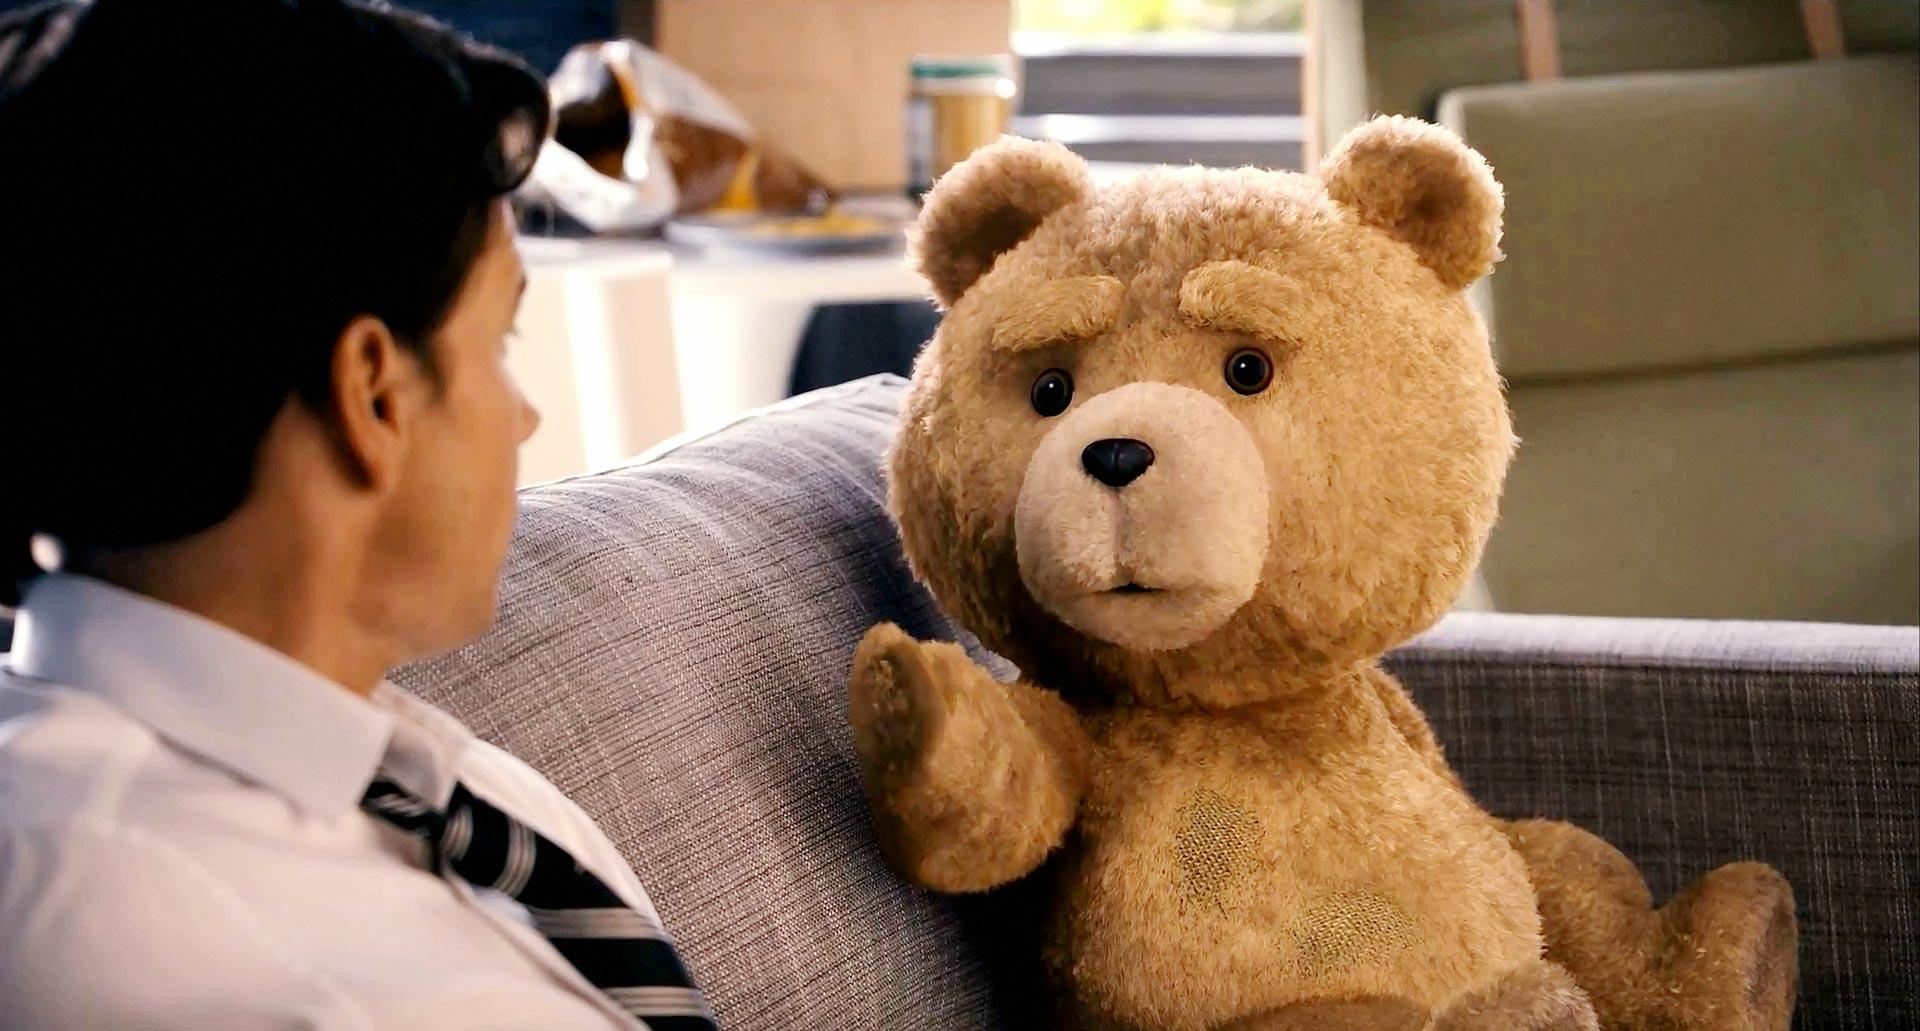 Ted (Pelicula), Las Mejores Fotos Del Osito